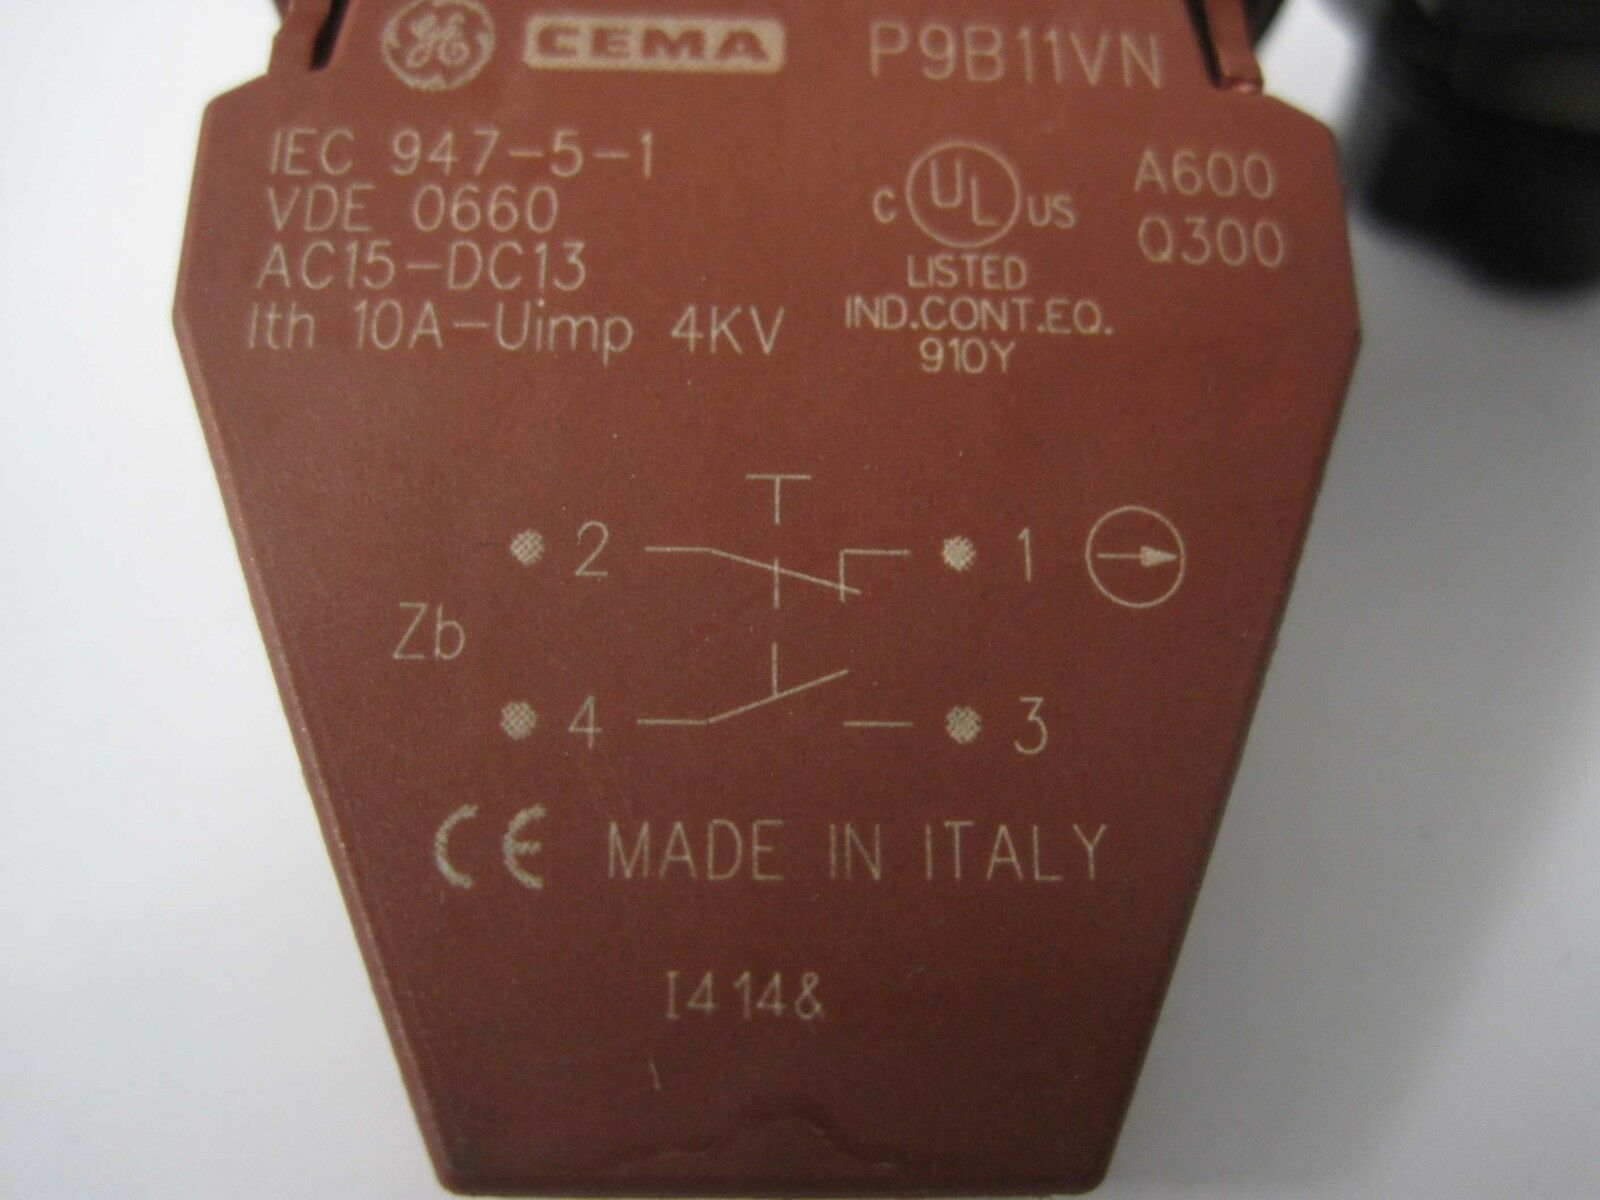 Hilfsschalter AEG GE Drucktaster schwarz mit Schildträger Hilfsschalterblock